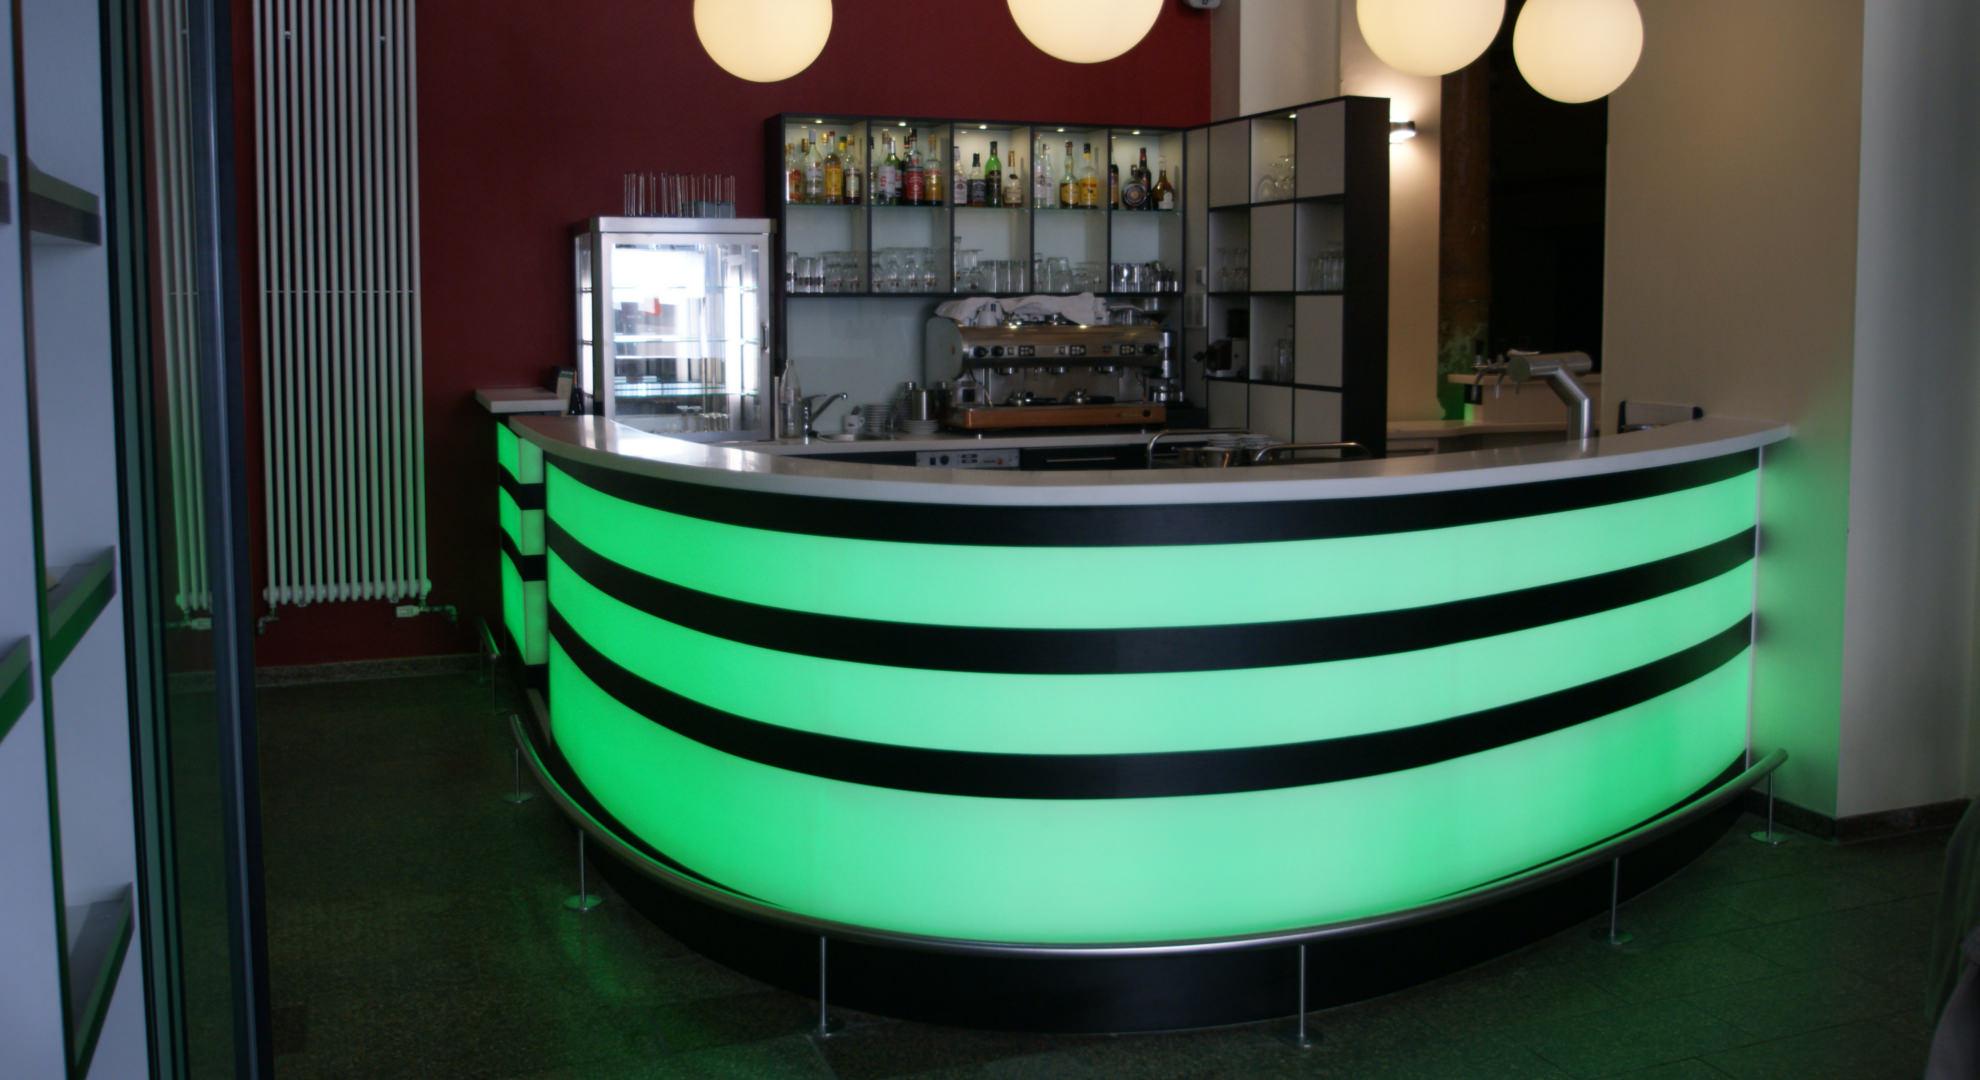 Kaffeebar aus farbig hinterleuchtetem Corian in Aachen